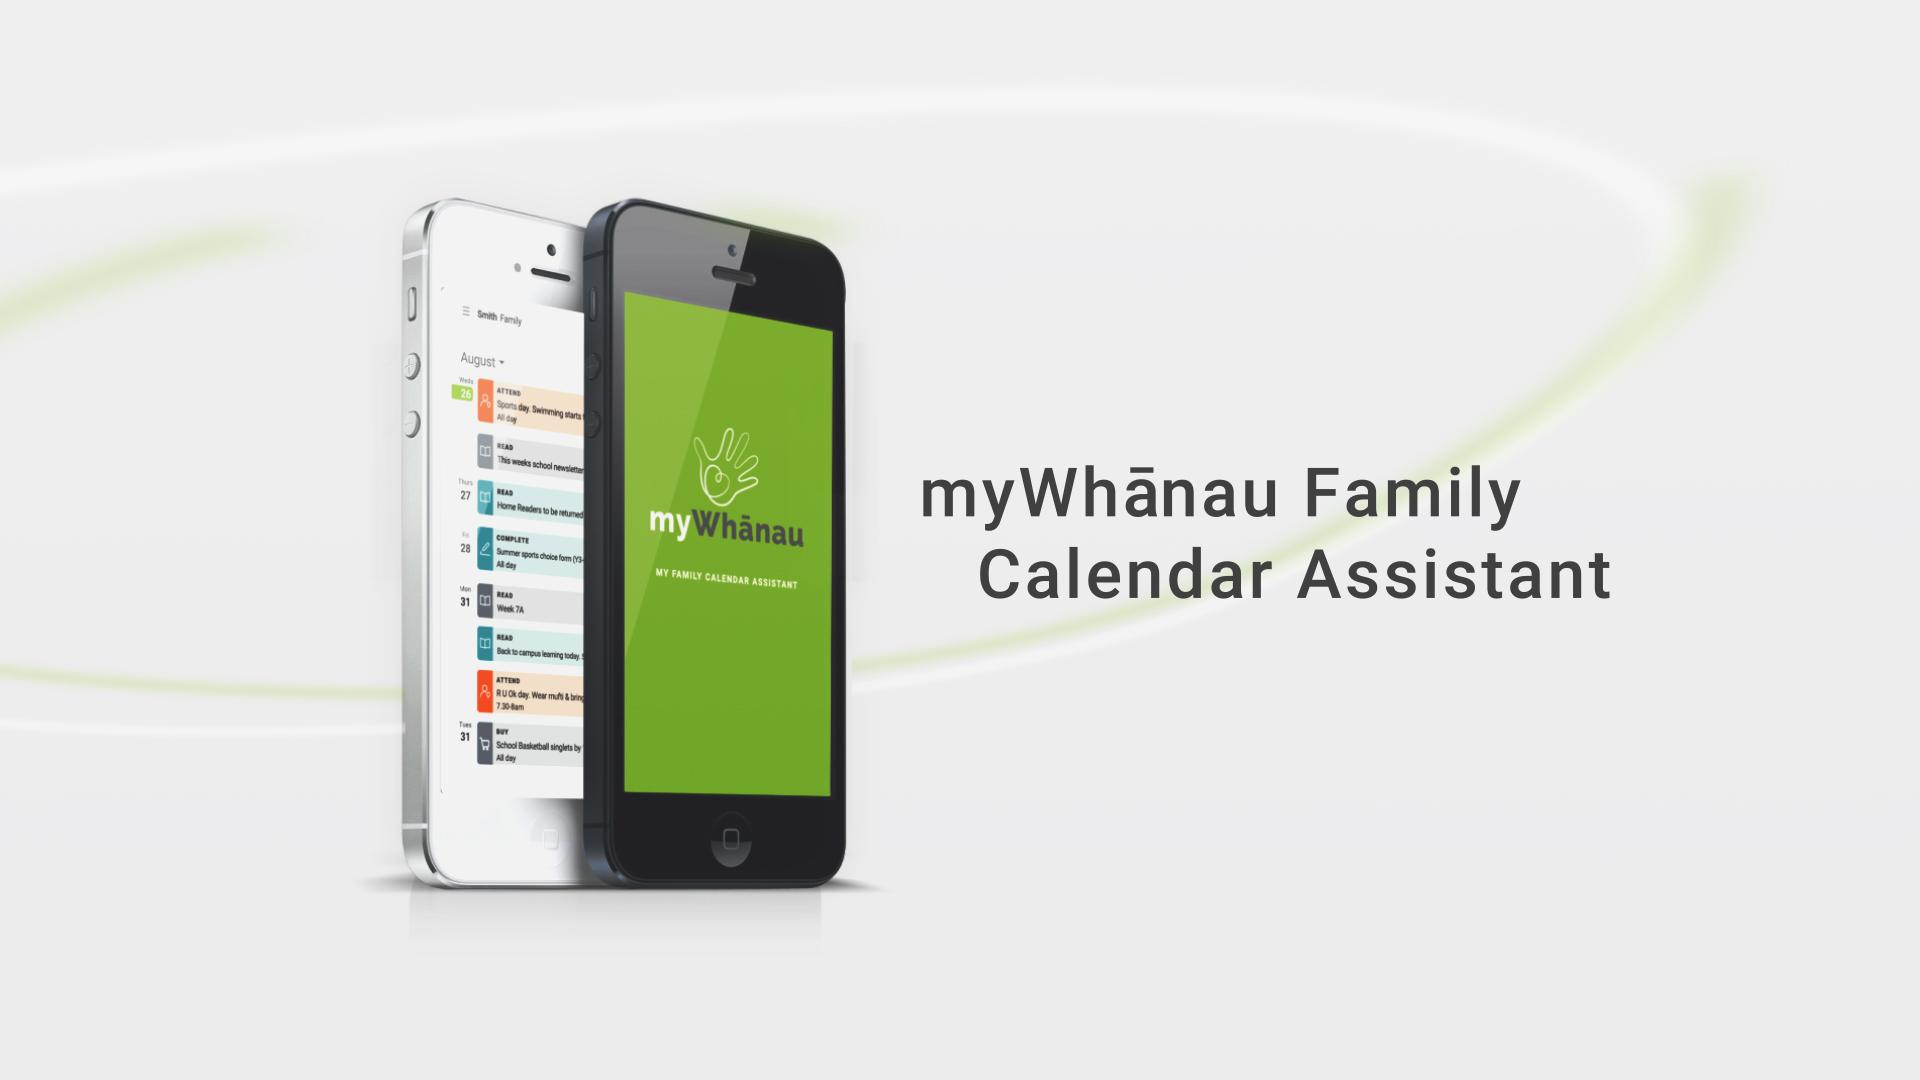 myWhanau Family Calendar Assistant